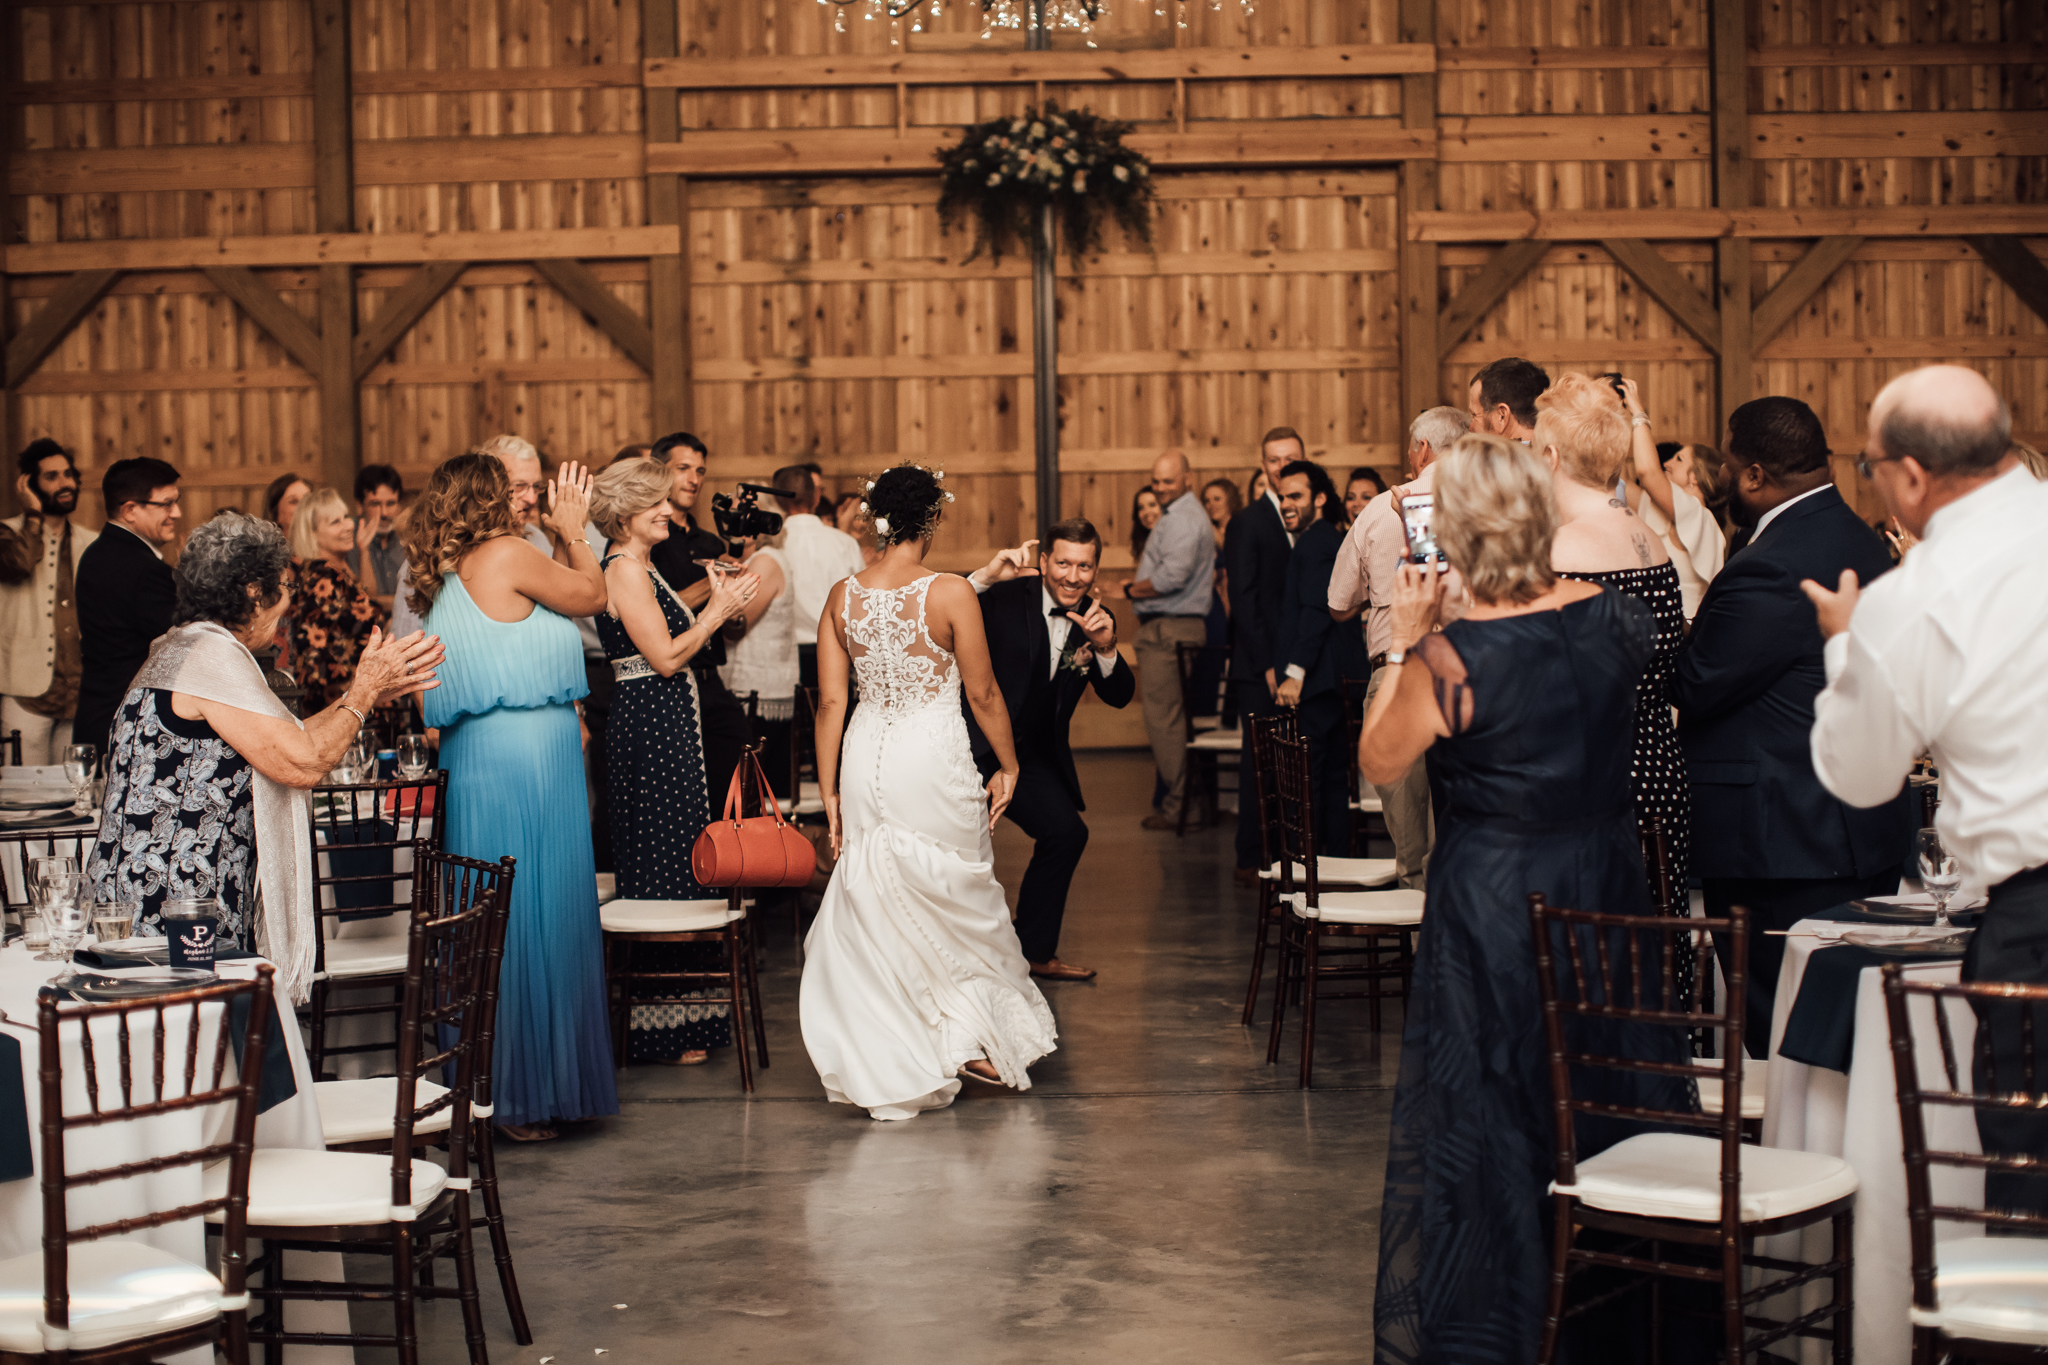 saddlewoodsfarms-nashville-wedding-photographer-thewarmtharoundyou-rustic-wedding (50 of 251).jpg